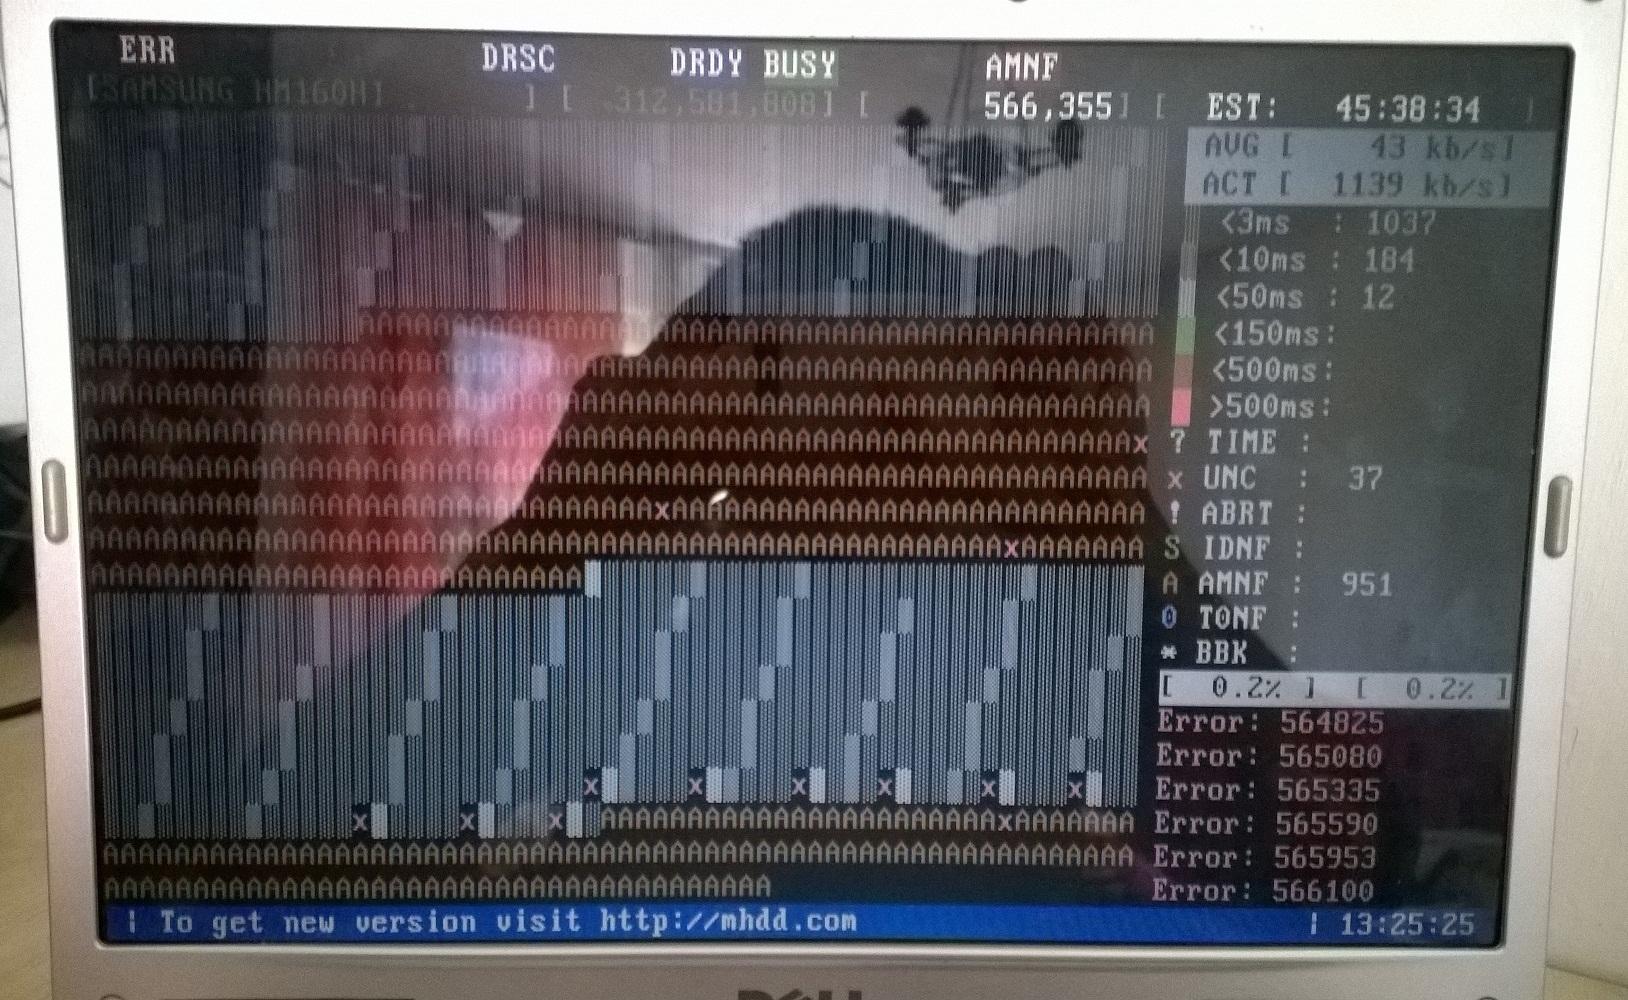 Dysk zewn�trzny - HDD z bad sectorami